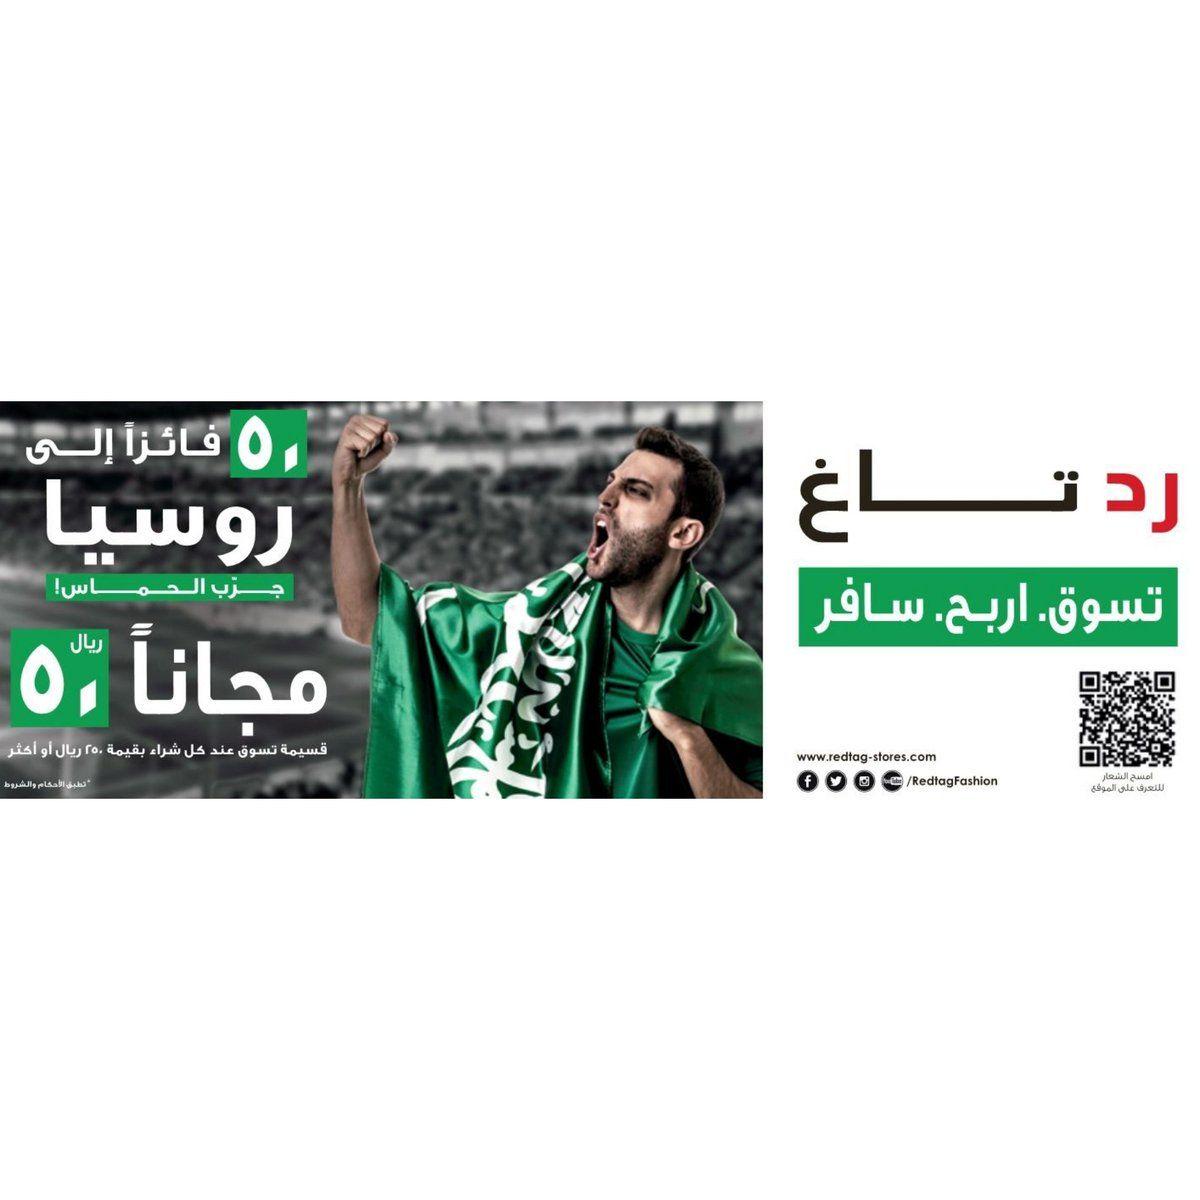 عروض رد تاغ السعودية على قسيمة التسوق عروض اليوم Movie Posters Movies Poster